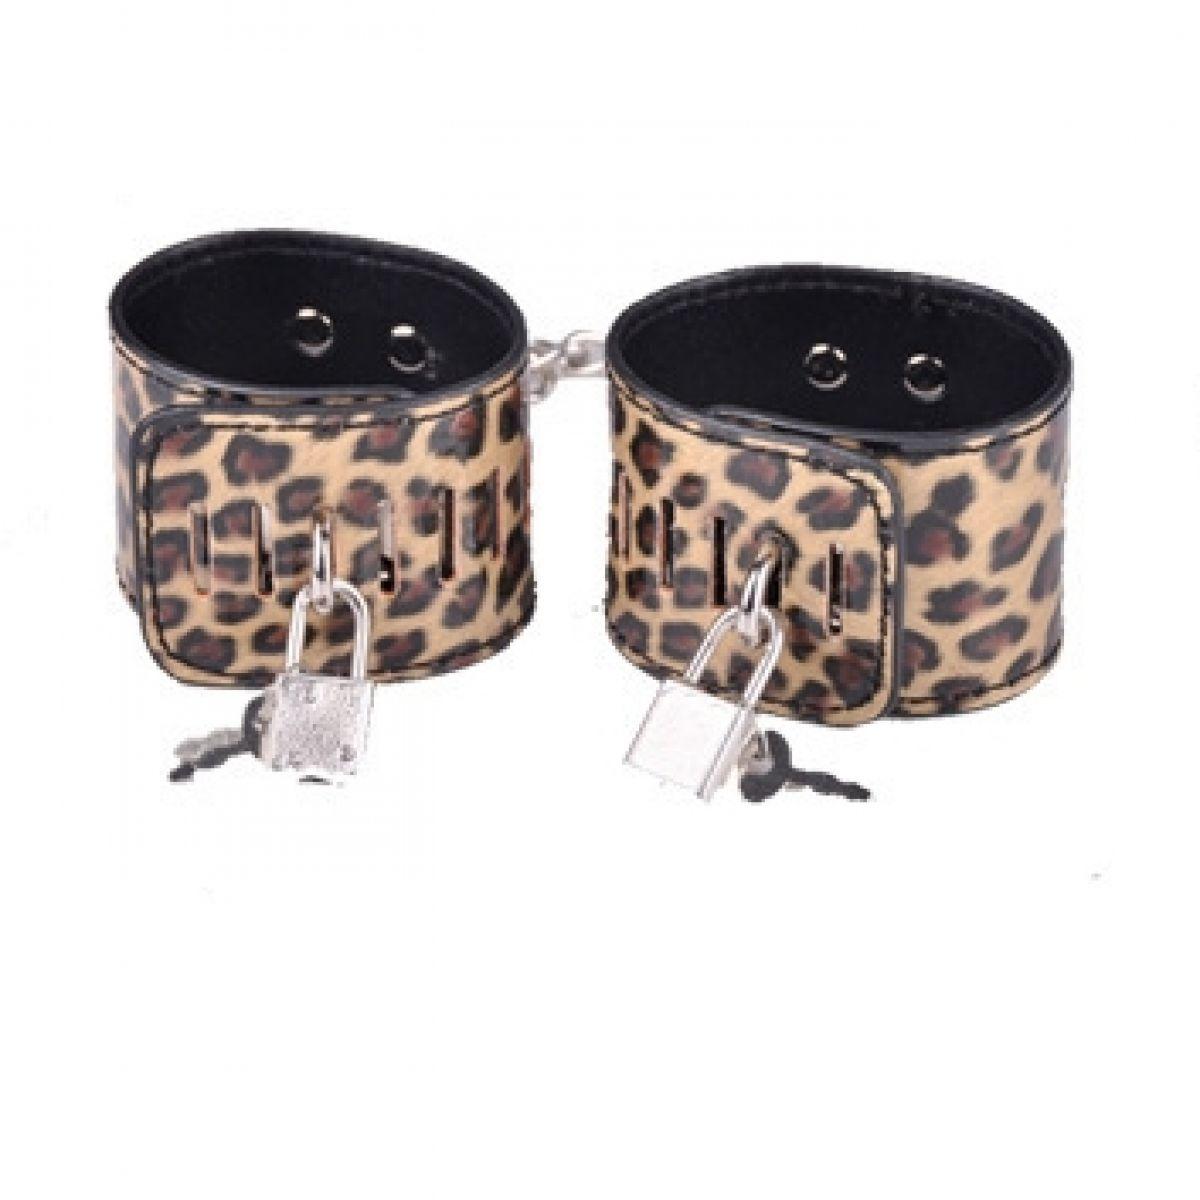 Леопардовые наручники золотистого окраса